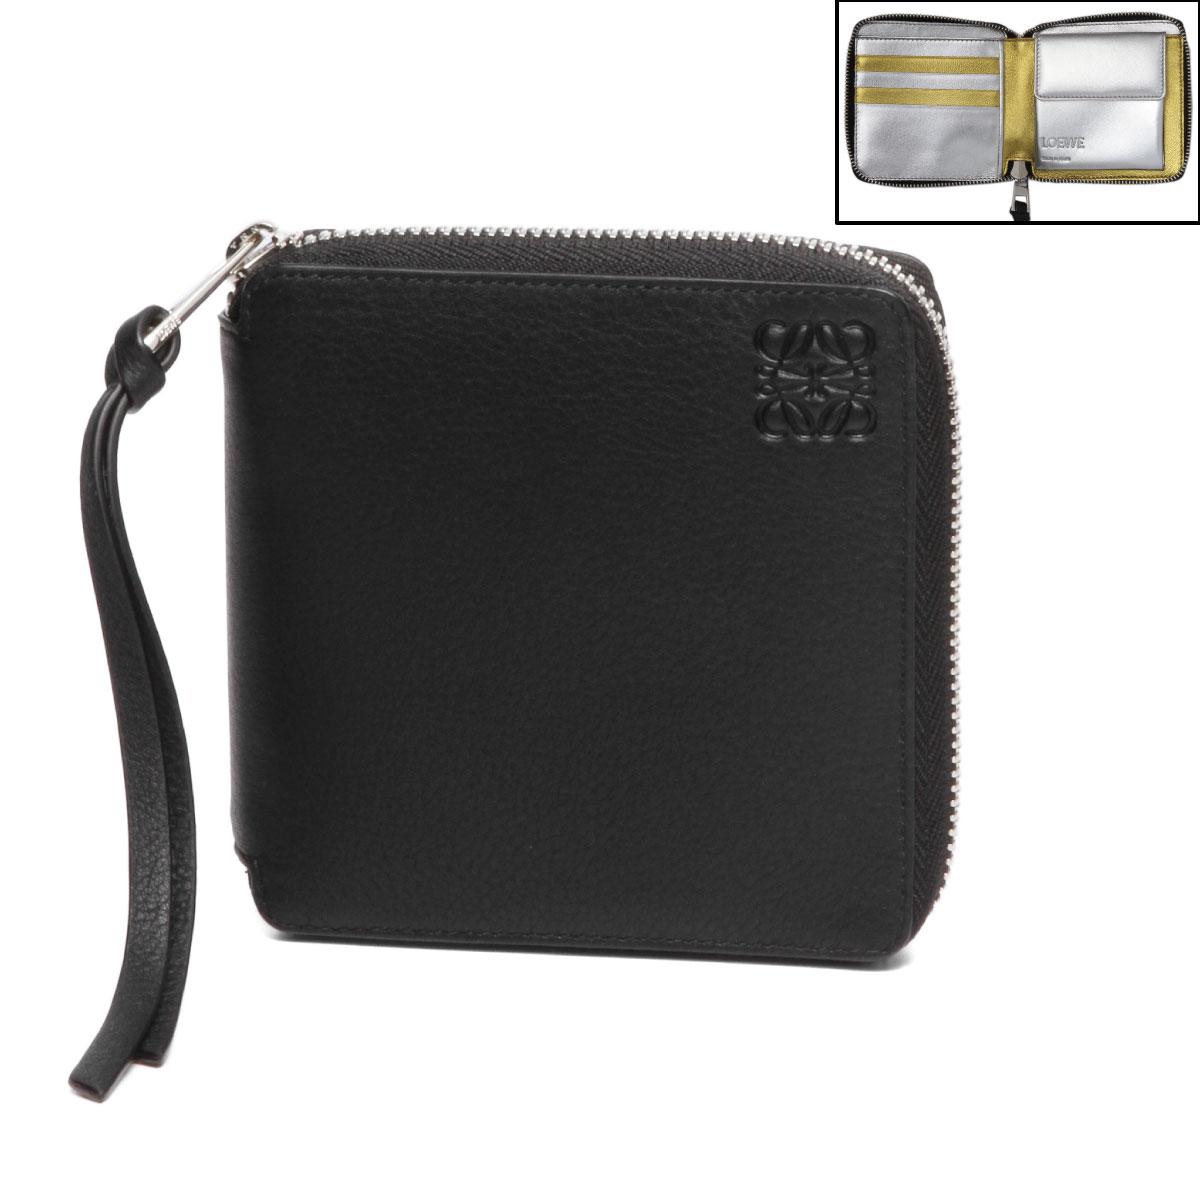 ロエベ LOEWE 財布 レディース 124 30BM88 2011 8131 ラウンドファスナー二つ折り財布 GOLD/SILVER ブラック